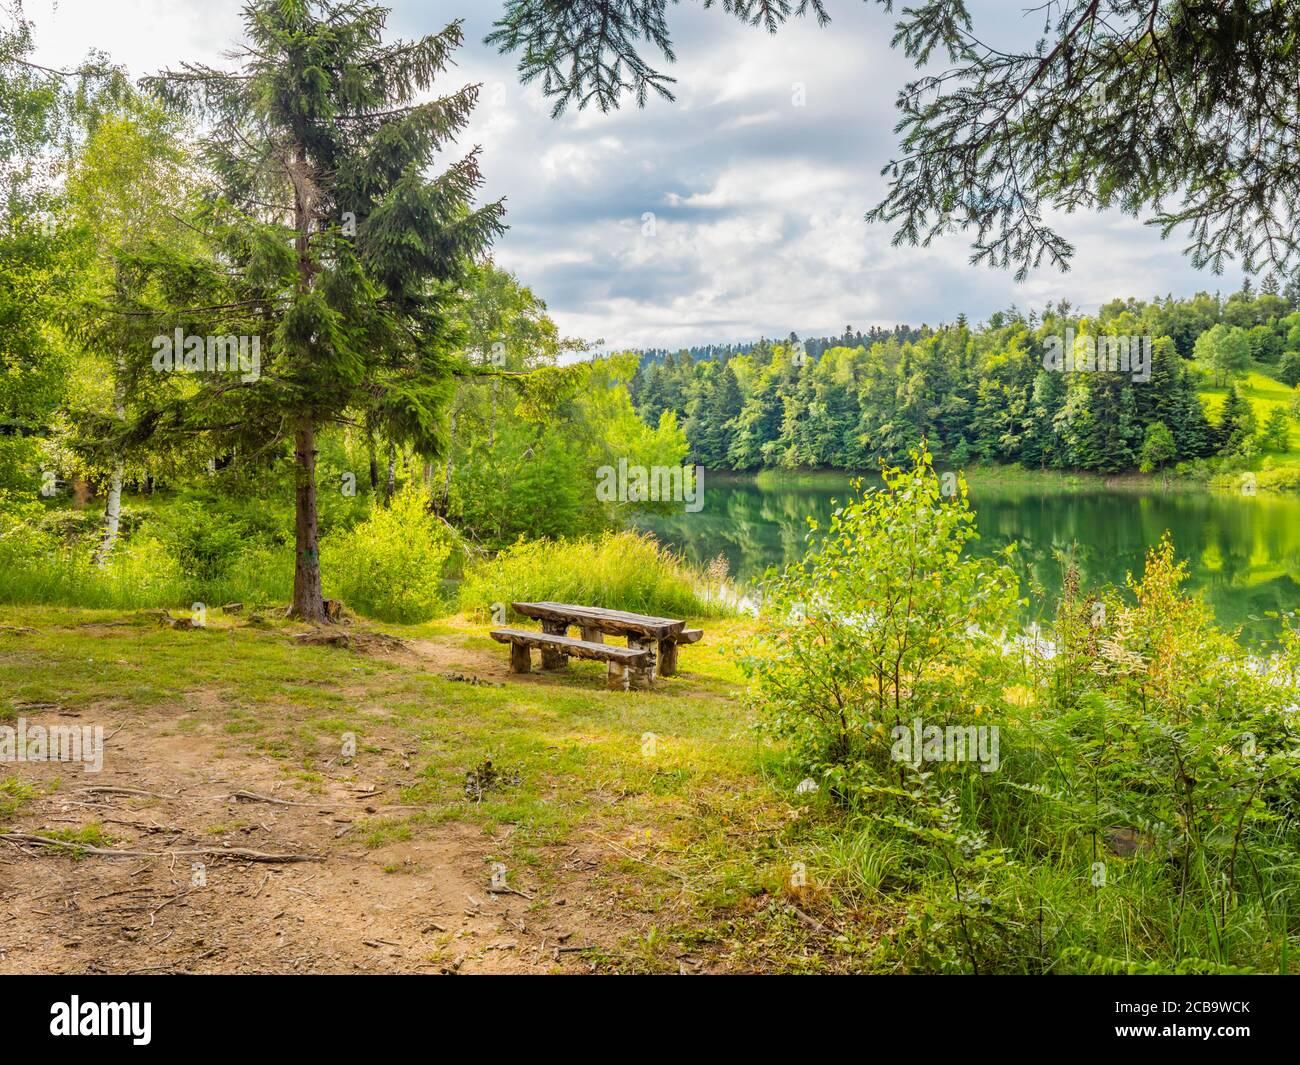 Vue fantastique Forêt verte jolie belle nature préservée naturelle Environnement saison de printemps dans le lac de Mrzla vodica en Croatie en Europe Banque D'Images